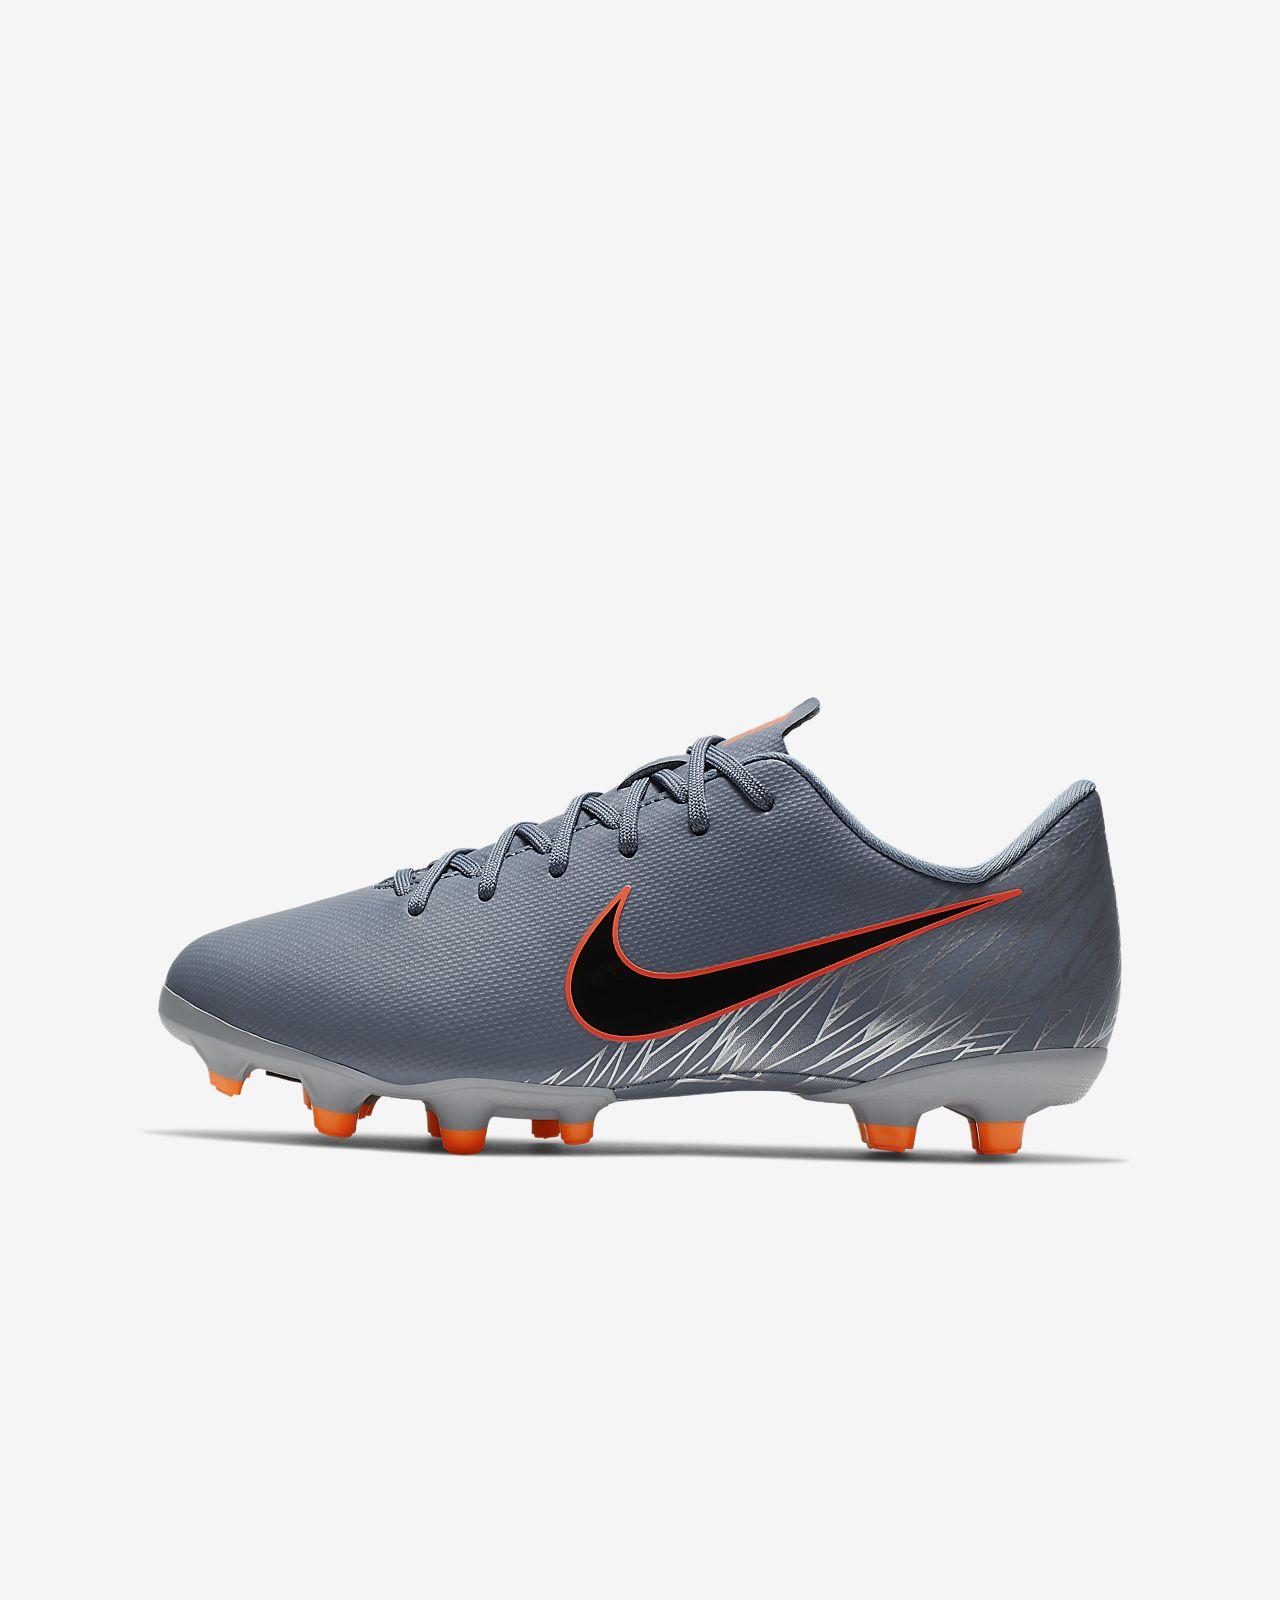 Nike Jr. Mercurial Vapor XII Academy többféle talajra készült stoplis futballcipő gyerekeknek/nagyobb gyerekeknek